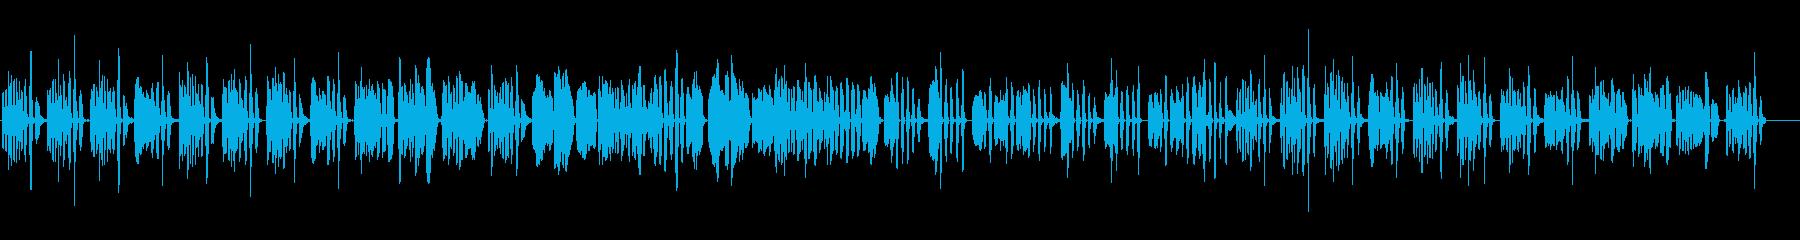 ゴセック/ガヴォット/へたっぴソロの再生済みの波形